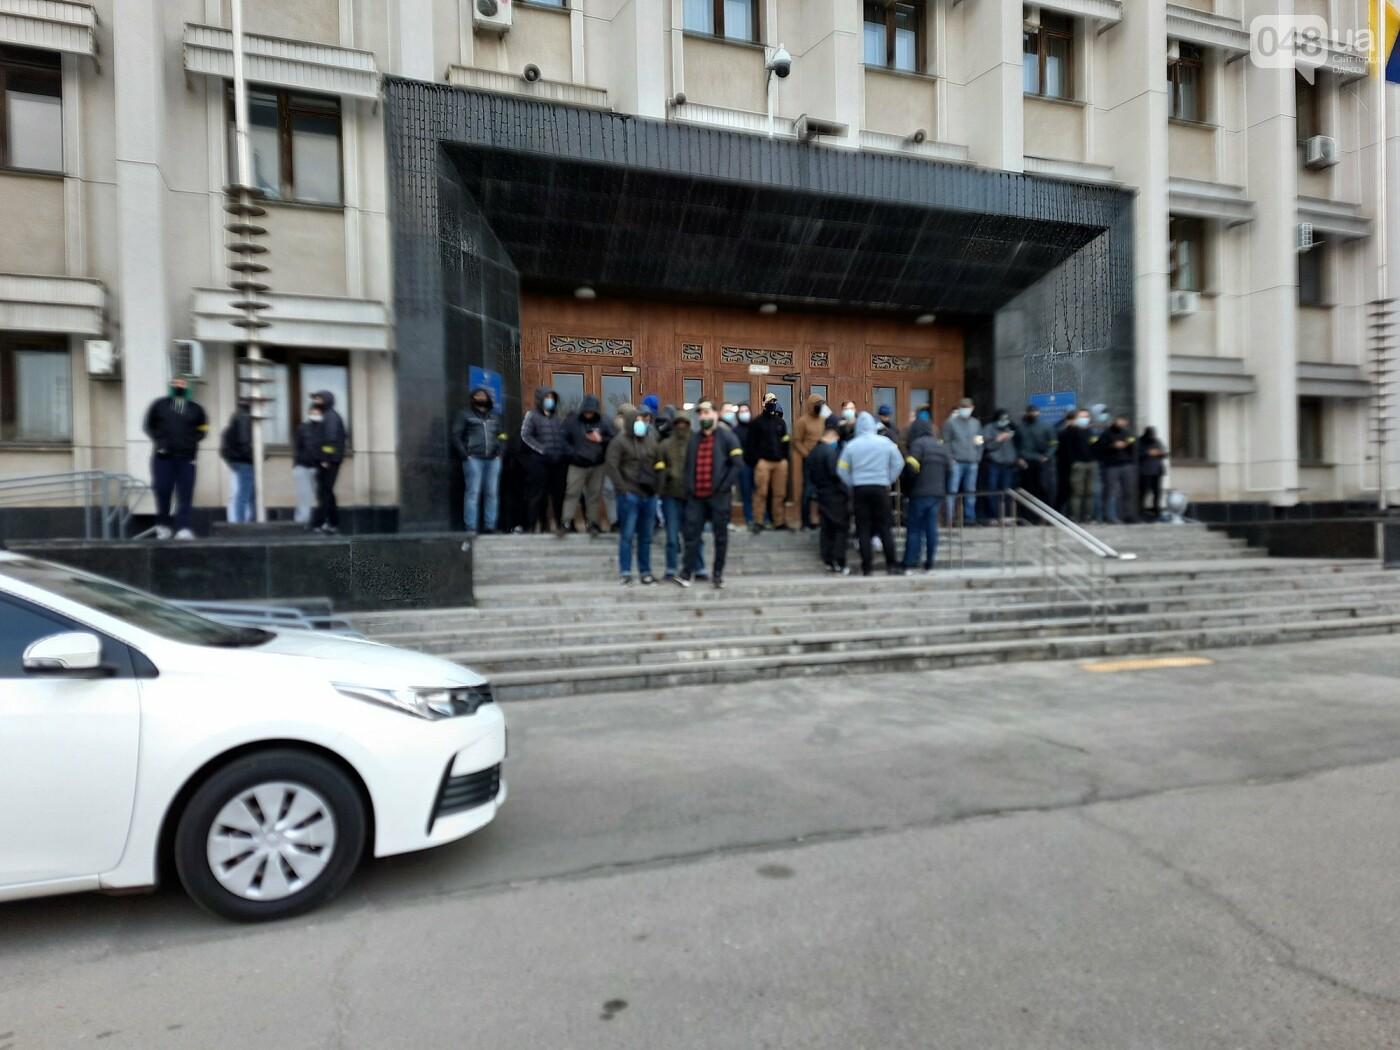 В Одессе неизвестные в масках и балаклавах окружили здание обладминистрации, - ФОТО, фото-2